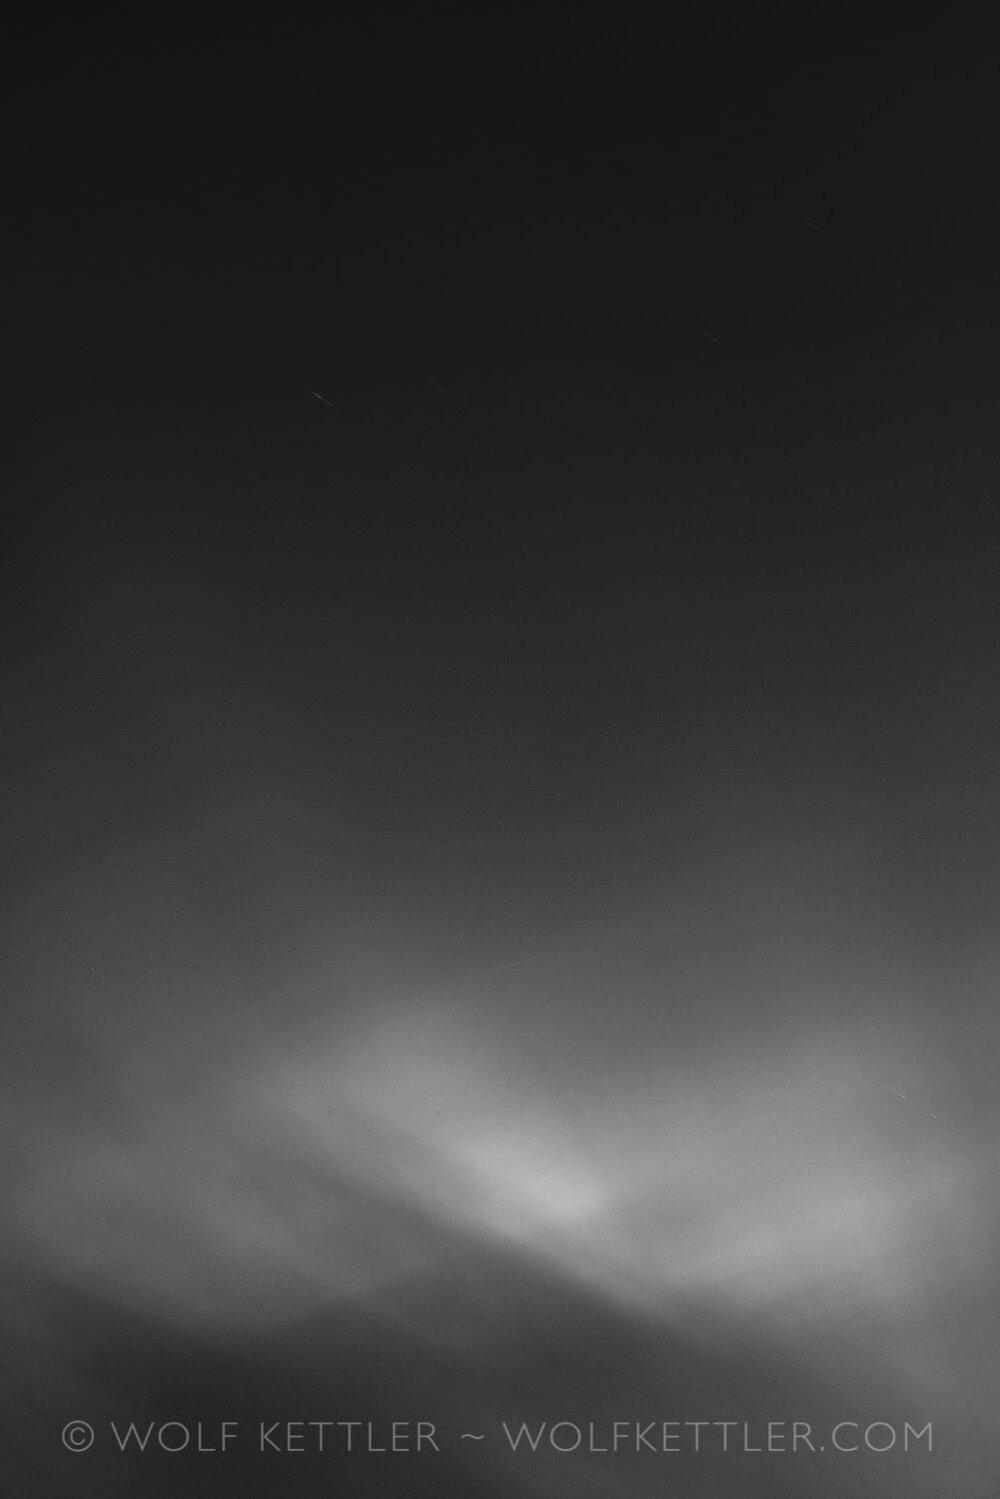 Night Sky No. 10